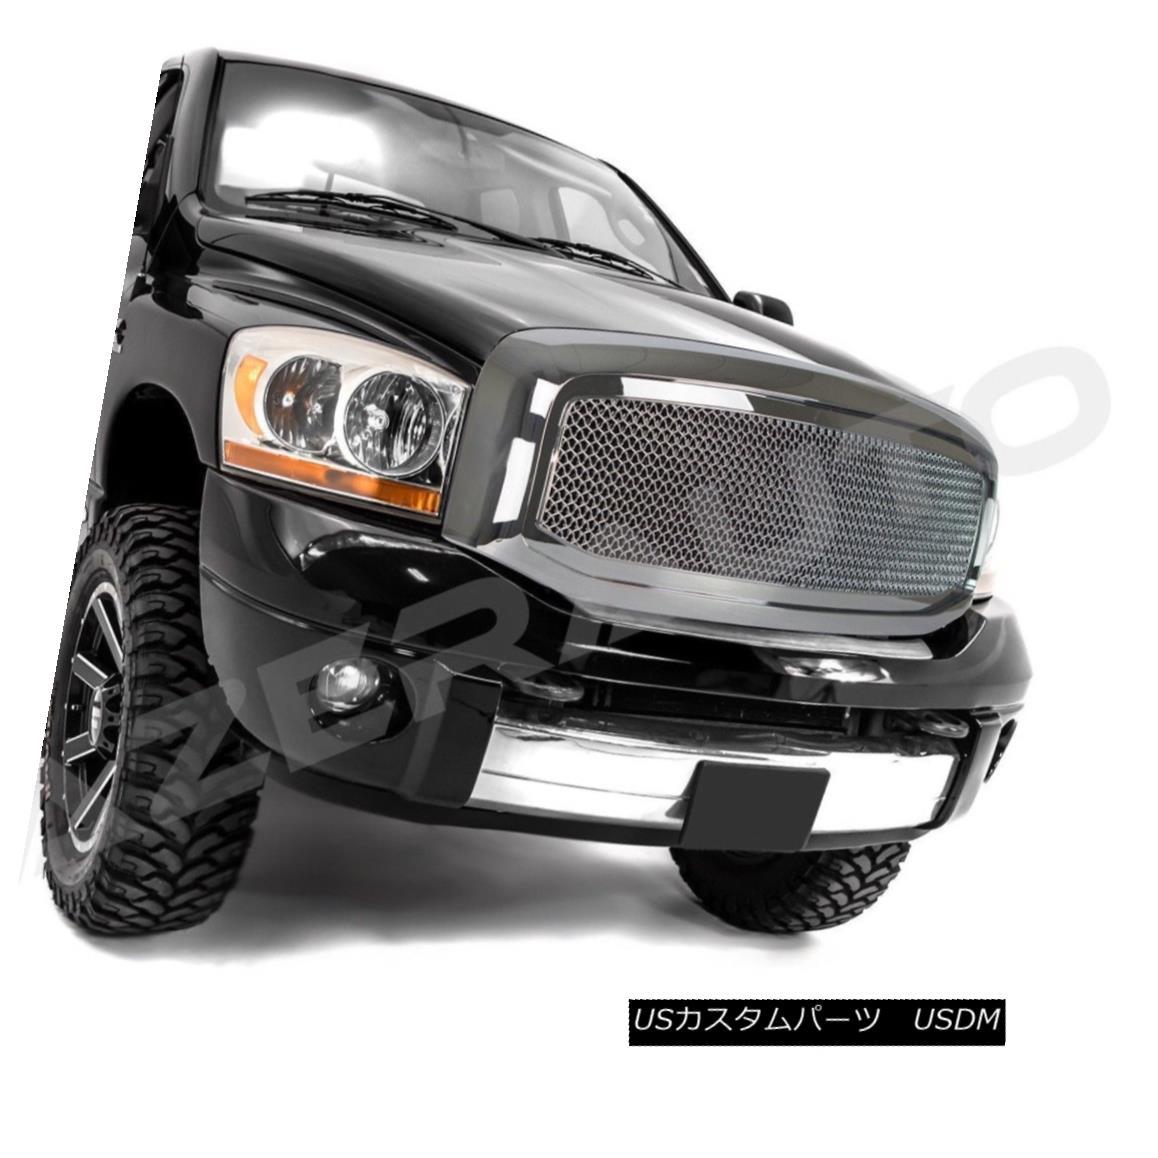 グリル 06-08 Dodge Ram 1500+06-09 Dodge Ram 2500+3500 Chrome Packaged Mesh Grille+Shell 06-08 Dodge Ram 1500 + 06-09 Dodge Ram 2500 + 3500 Chromeパッケージメッシュグリル+シェル